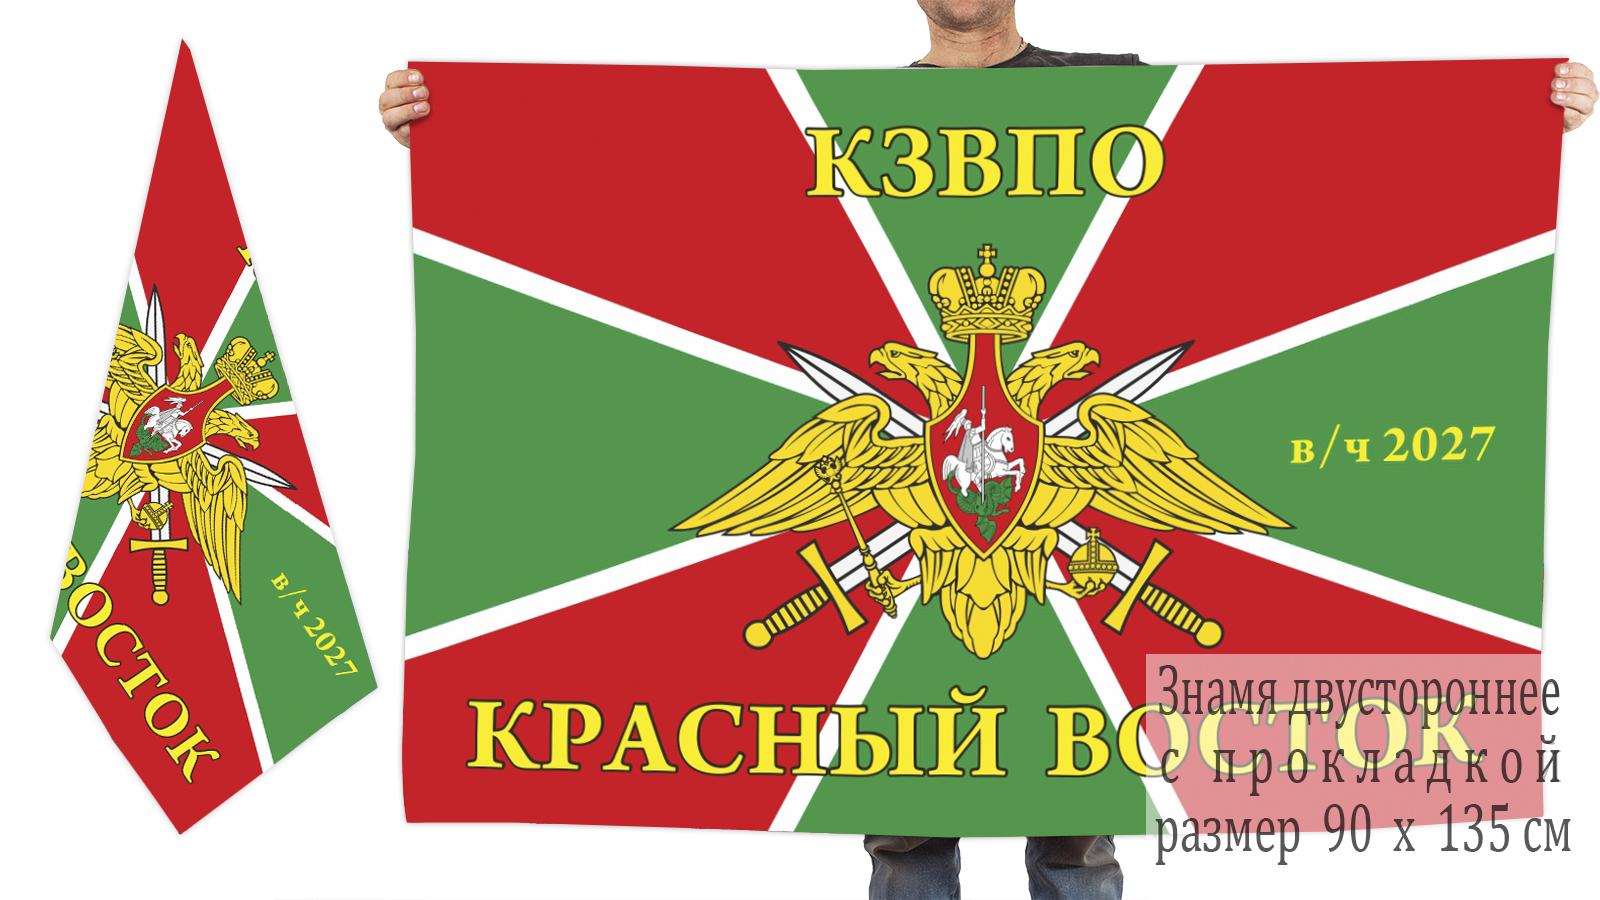 Двухсторонний погран флаг Красный Восток, КЗВПО, в/ч 2027